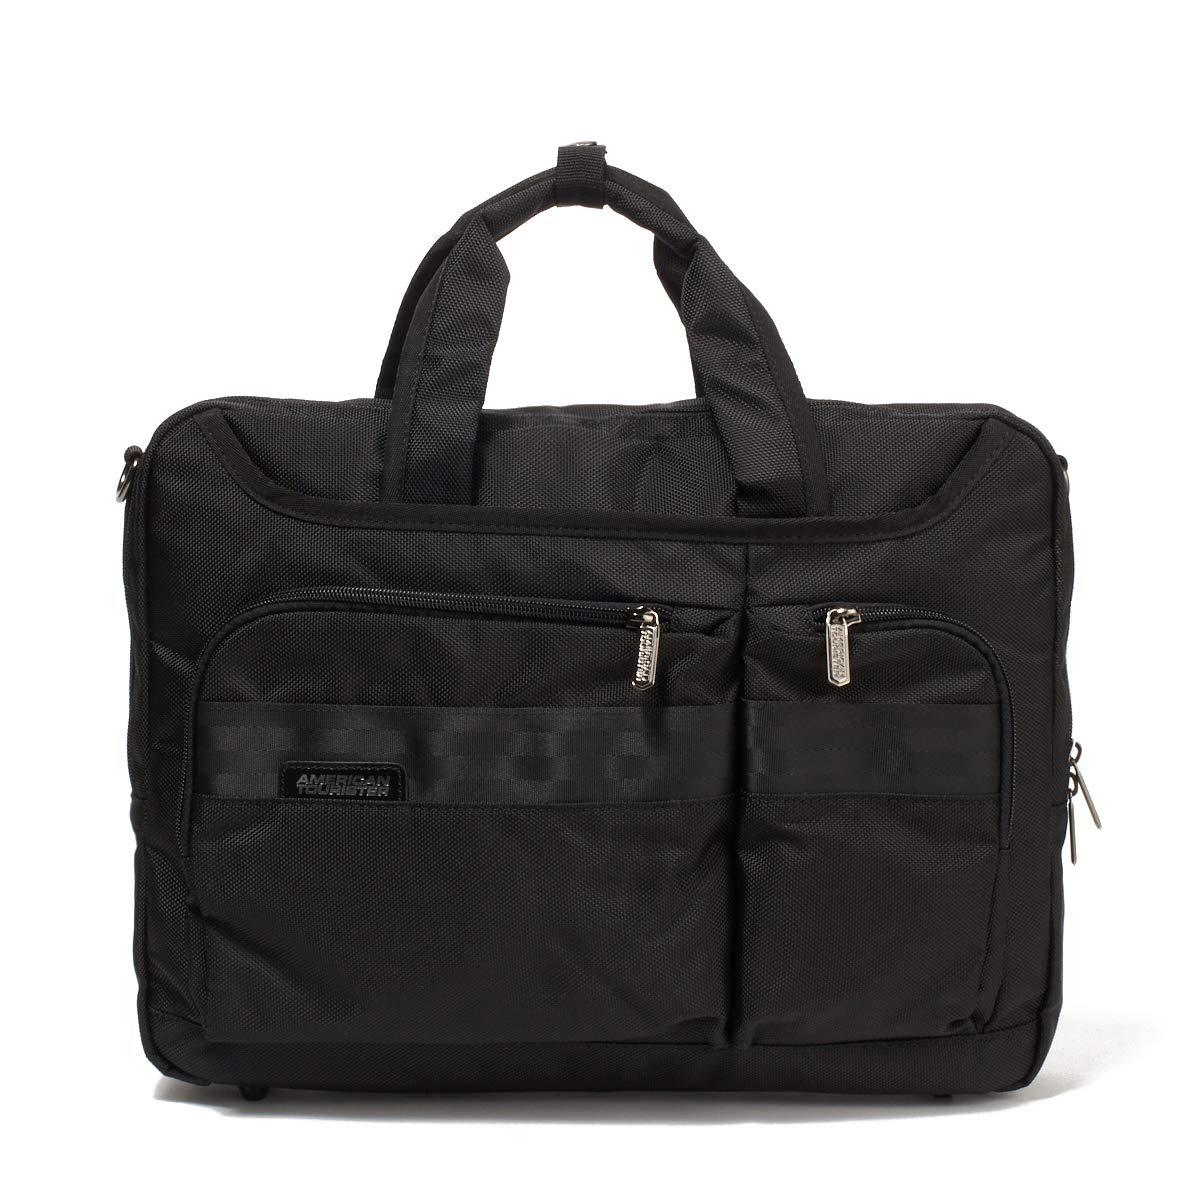 アメリカンツーリスター ビジネスバッグ ブリーフケース [QUANTICO クアンティコBRIEF CASE MDD5*09001] 33cm ブラック B07QYQV3T5